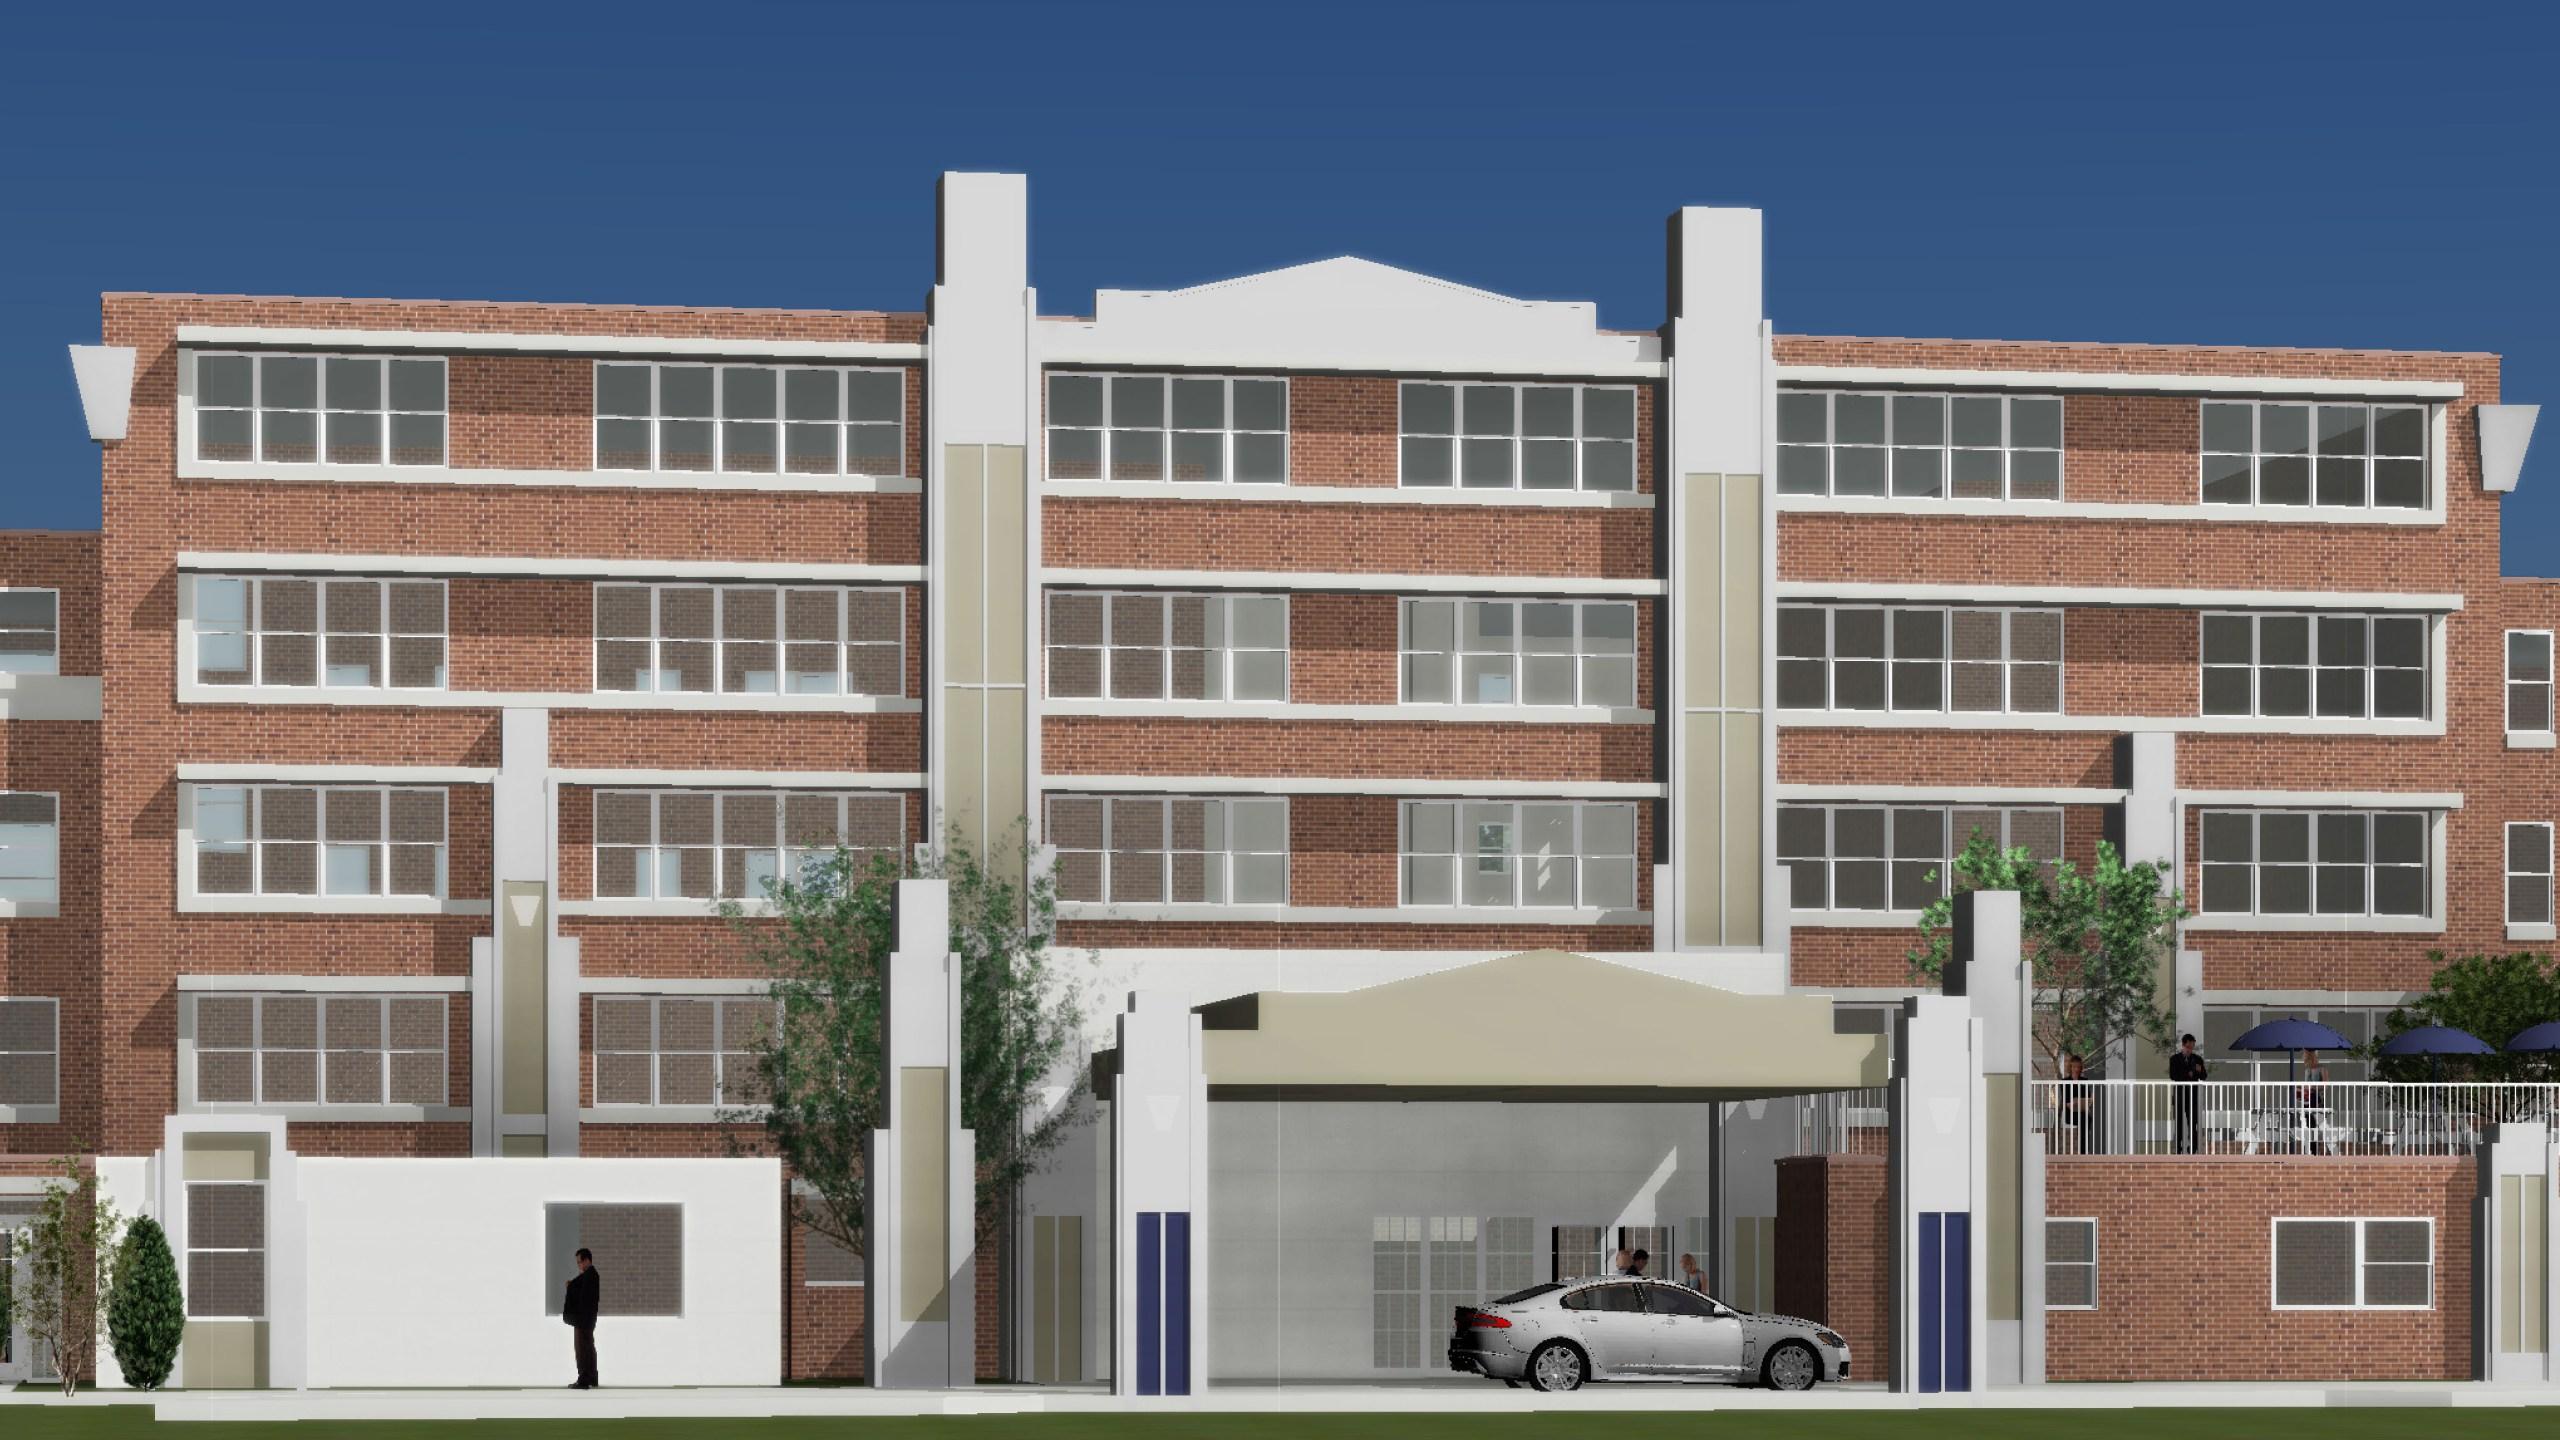 269226-1734 The Lexington Senior Apartments 083 - 3D View - FRONT PERSPECTIVE (2) (1)-68d7fc-original-1515435198_463933